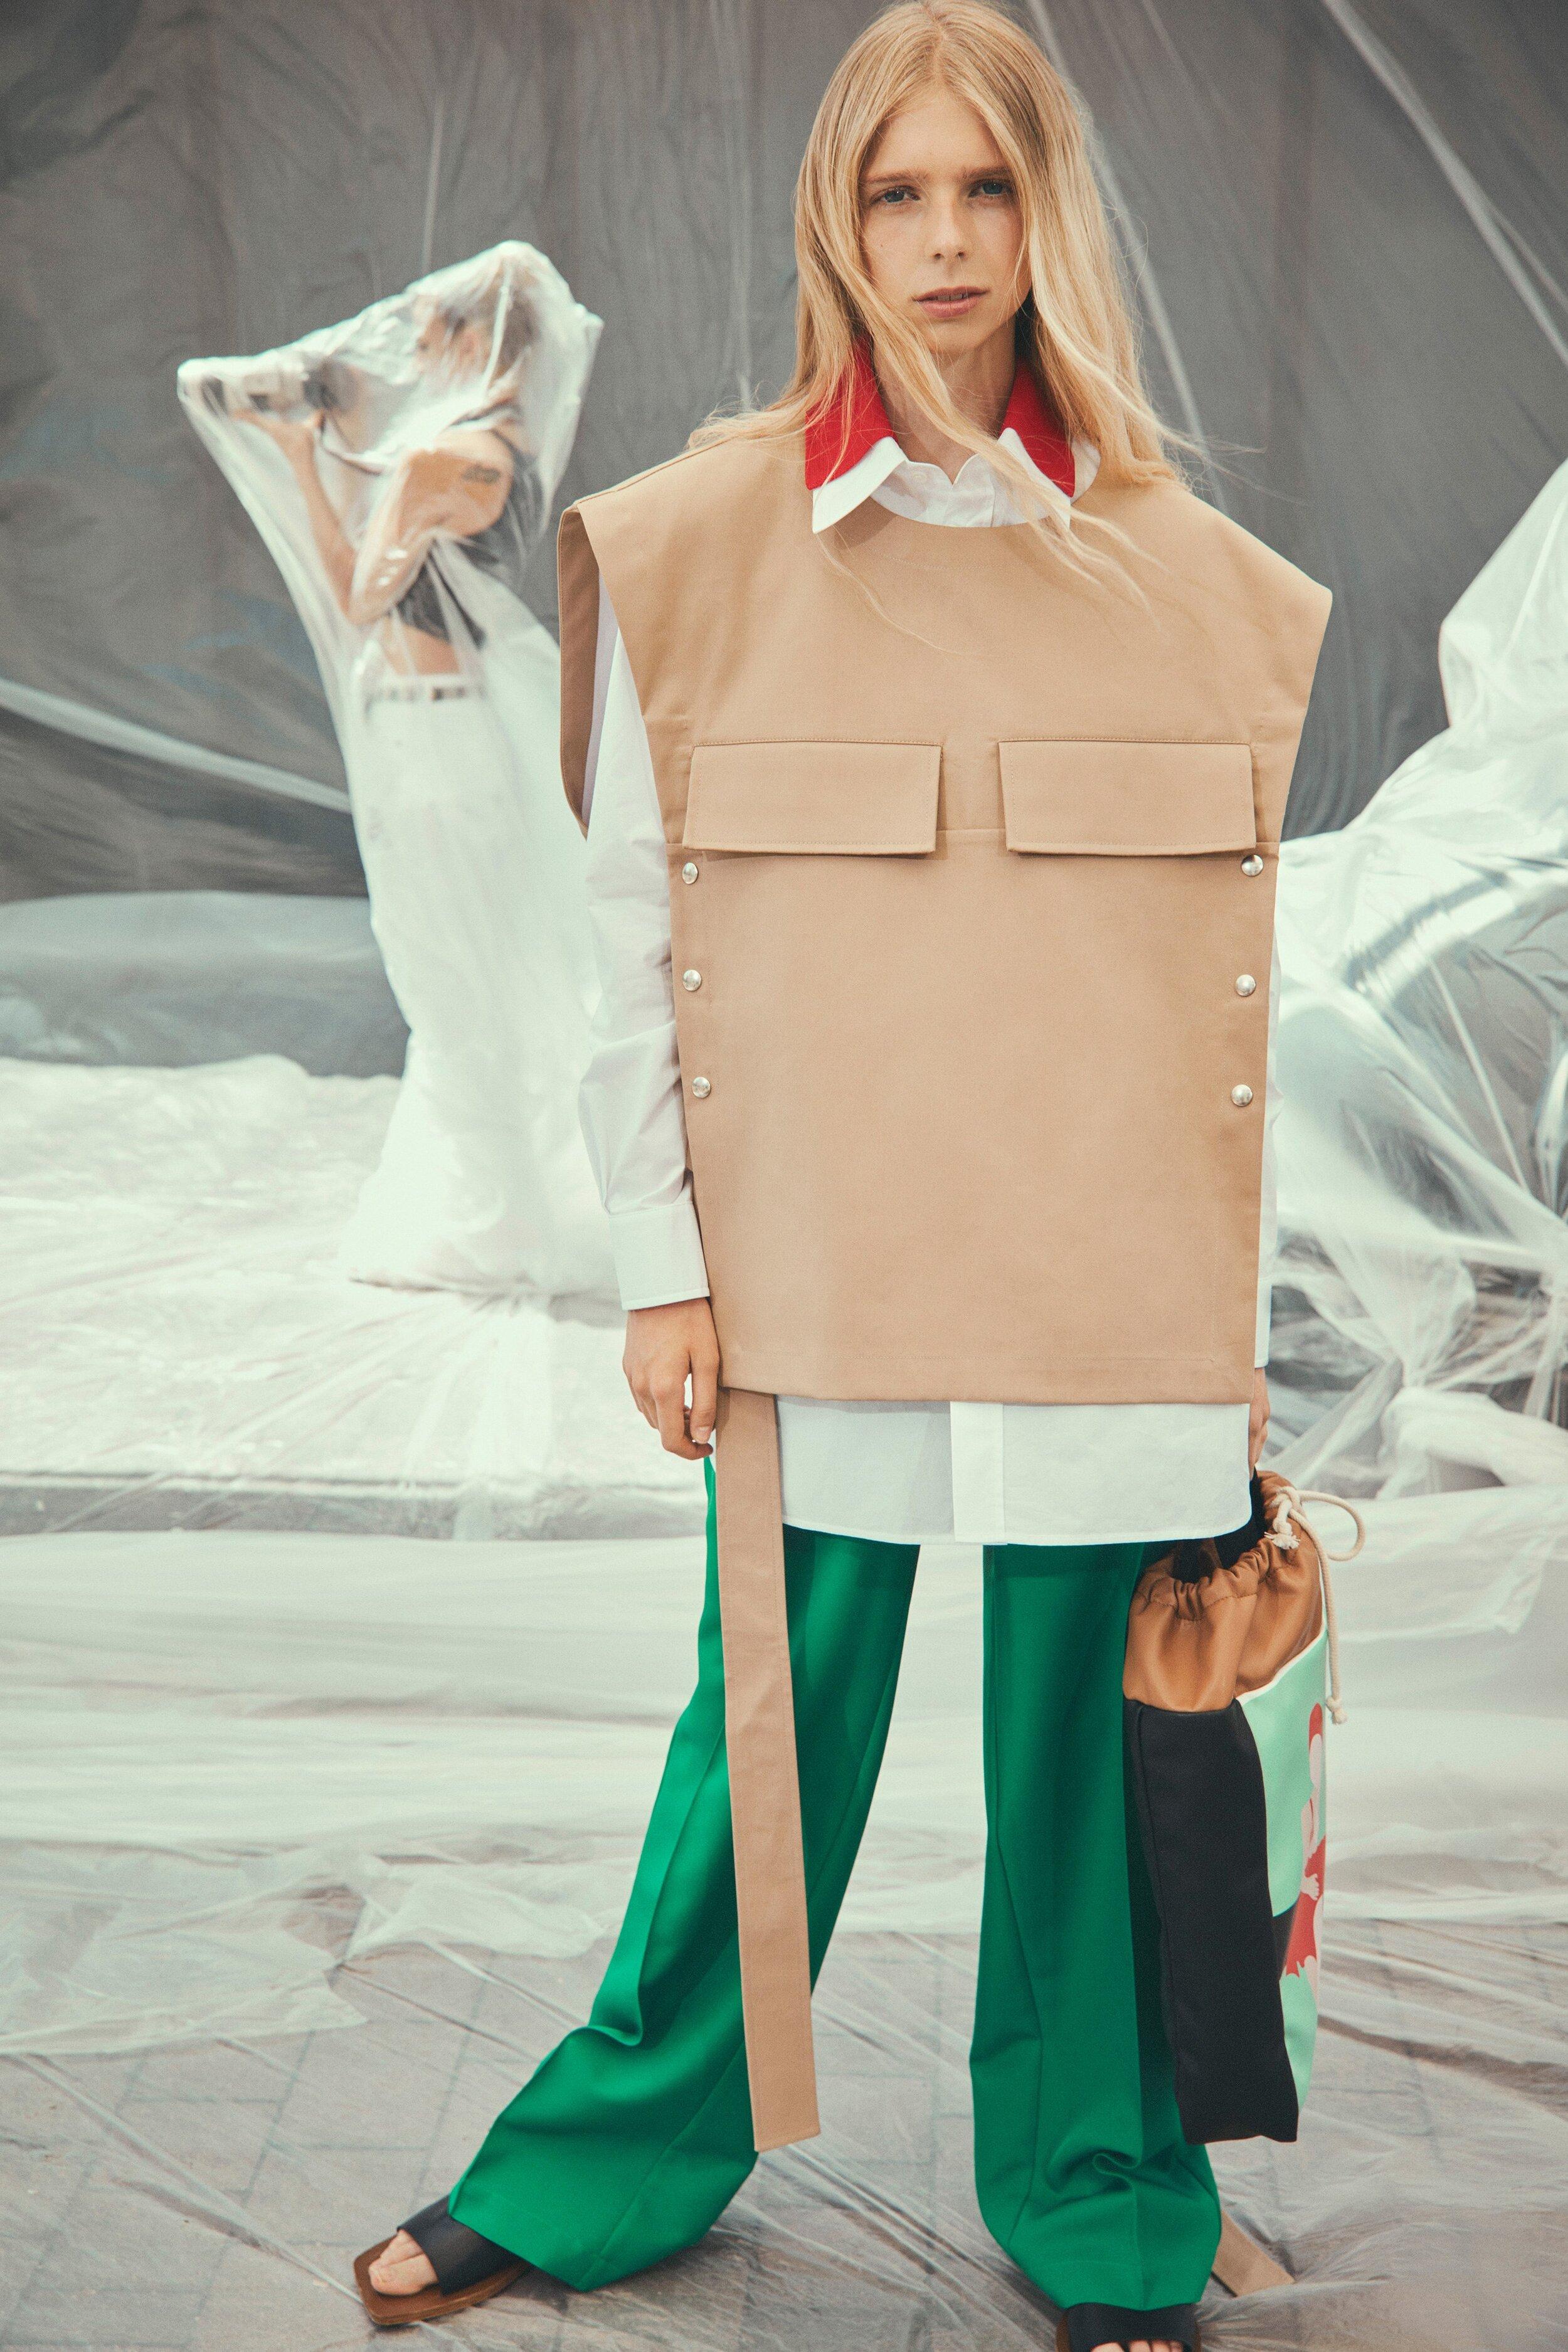 E também tem look bom na Plan C - Eu gosto, você gosta? Coletão grandão com calça verdona, look de fashionista doida. Adoro fashionista doida!